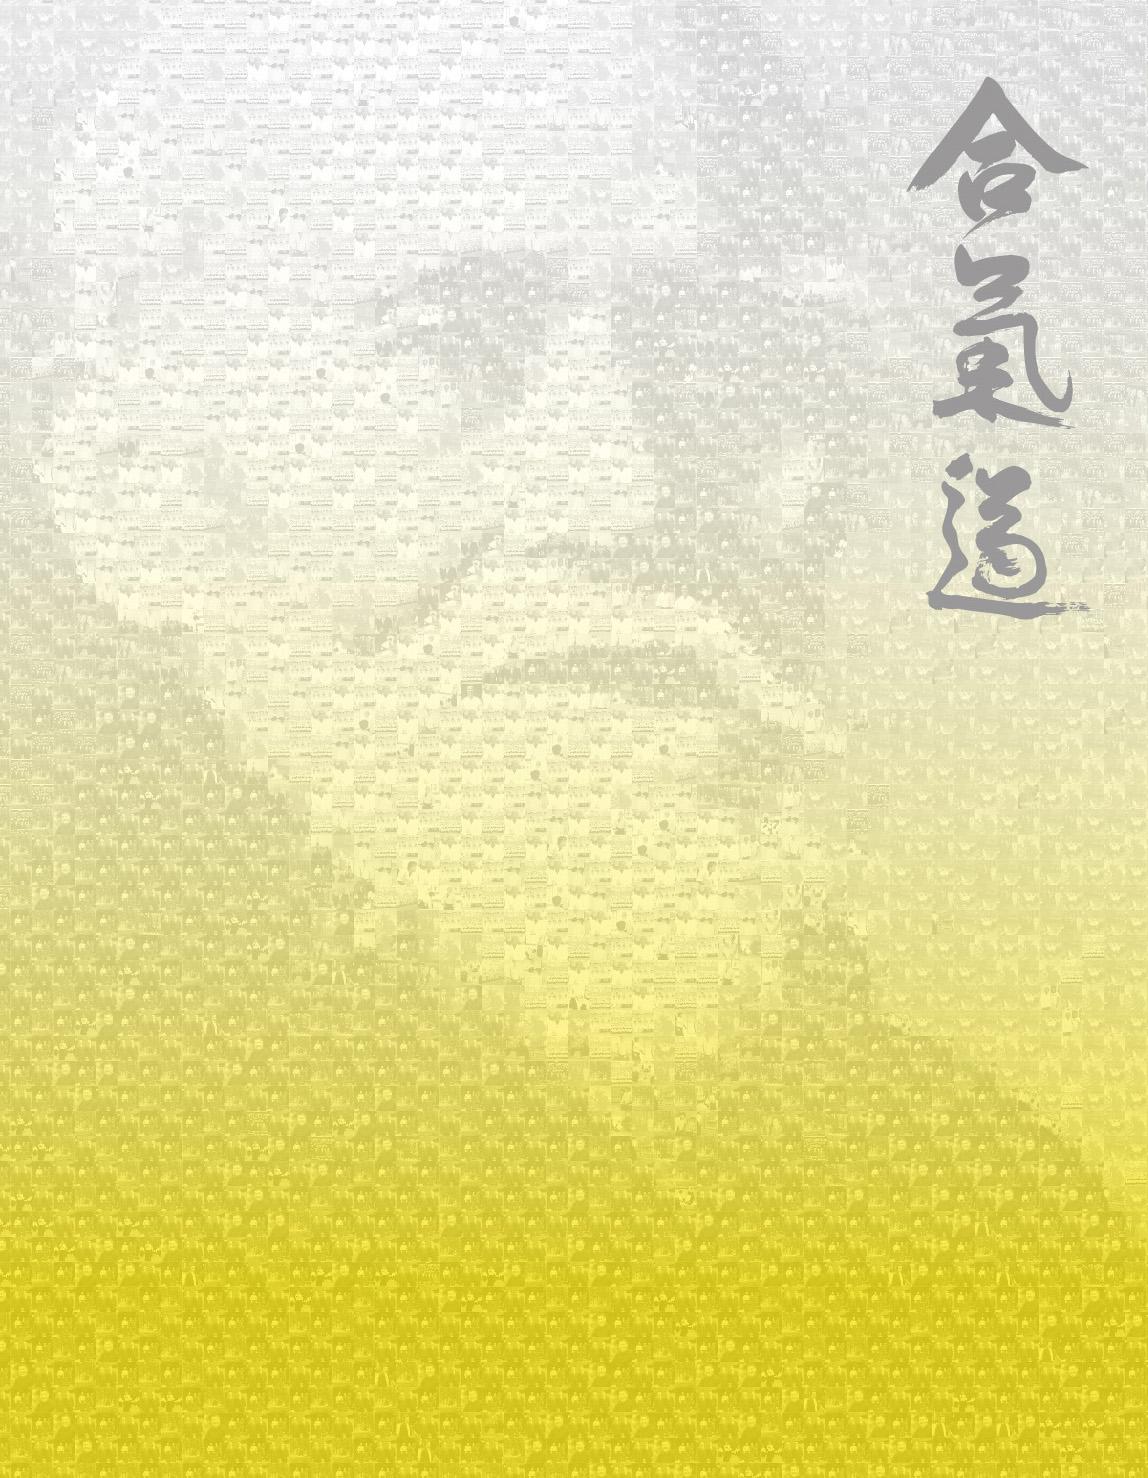 O Sensei